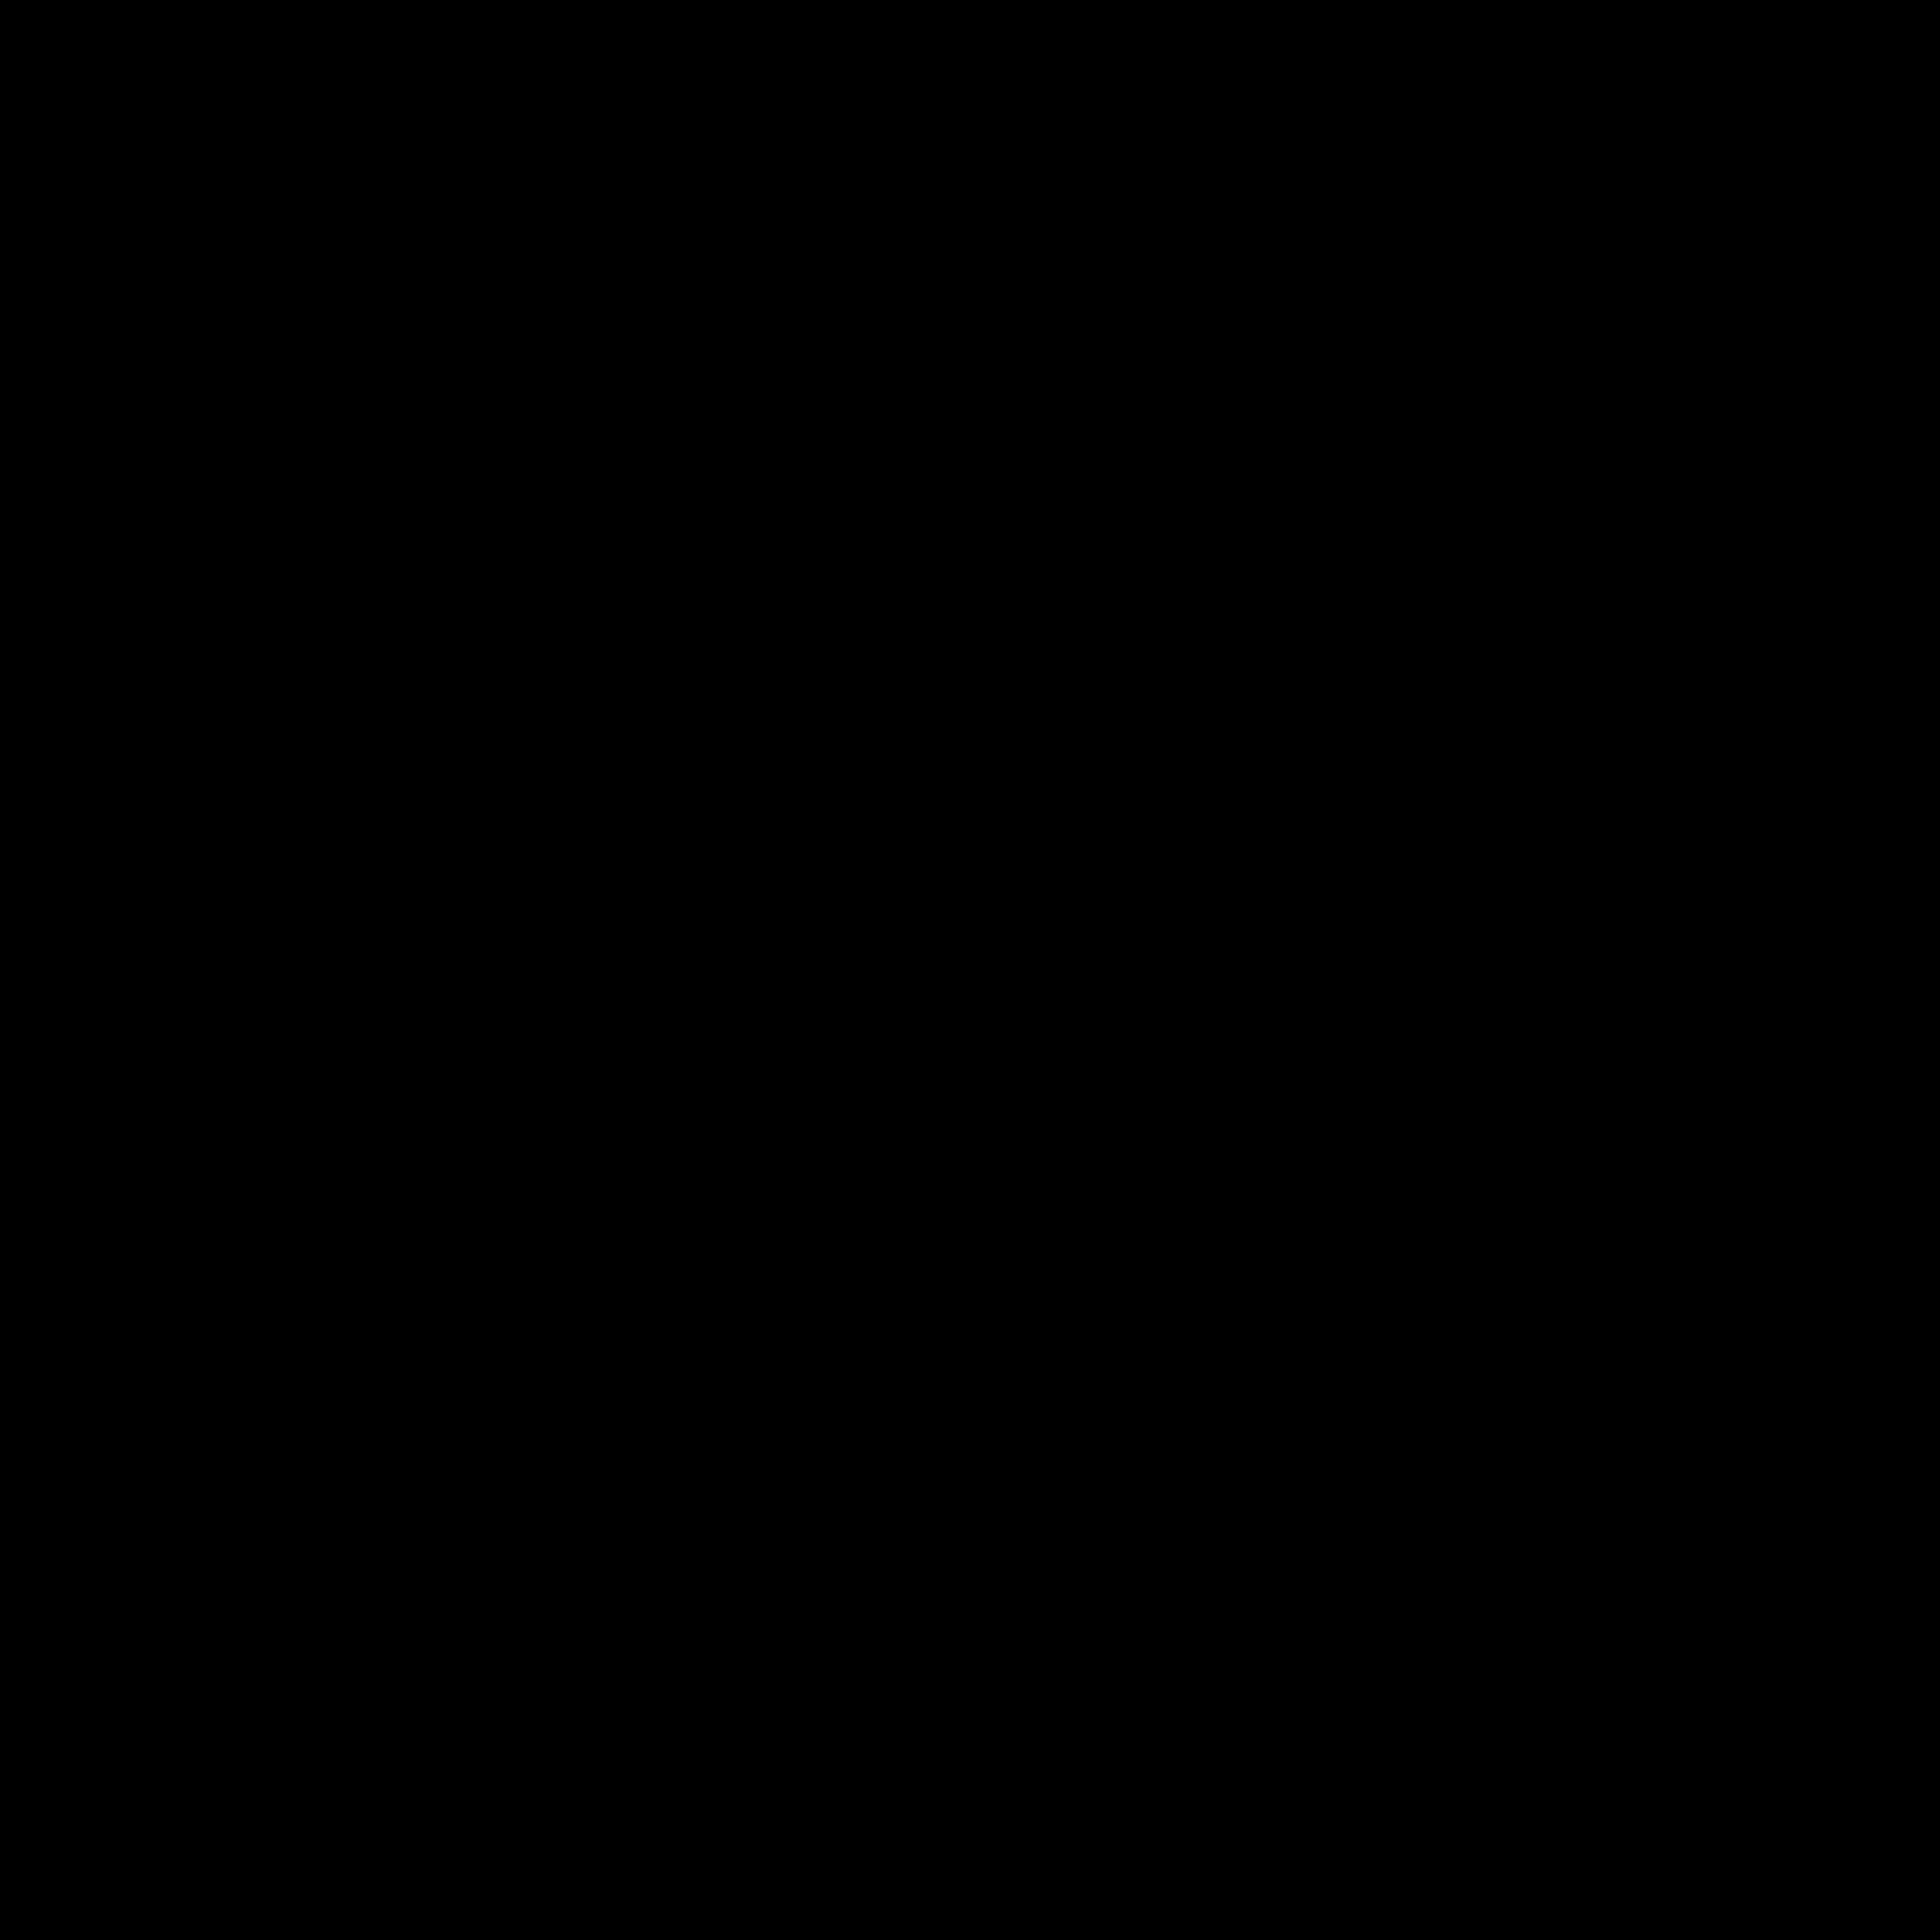 NBC Logo PNG Transparent & SVG Vector.